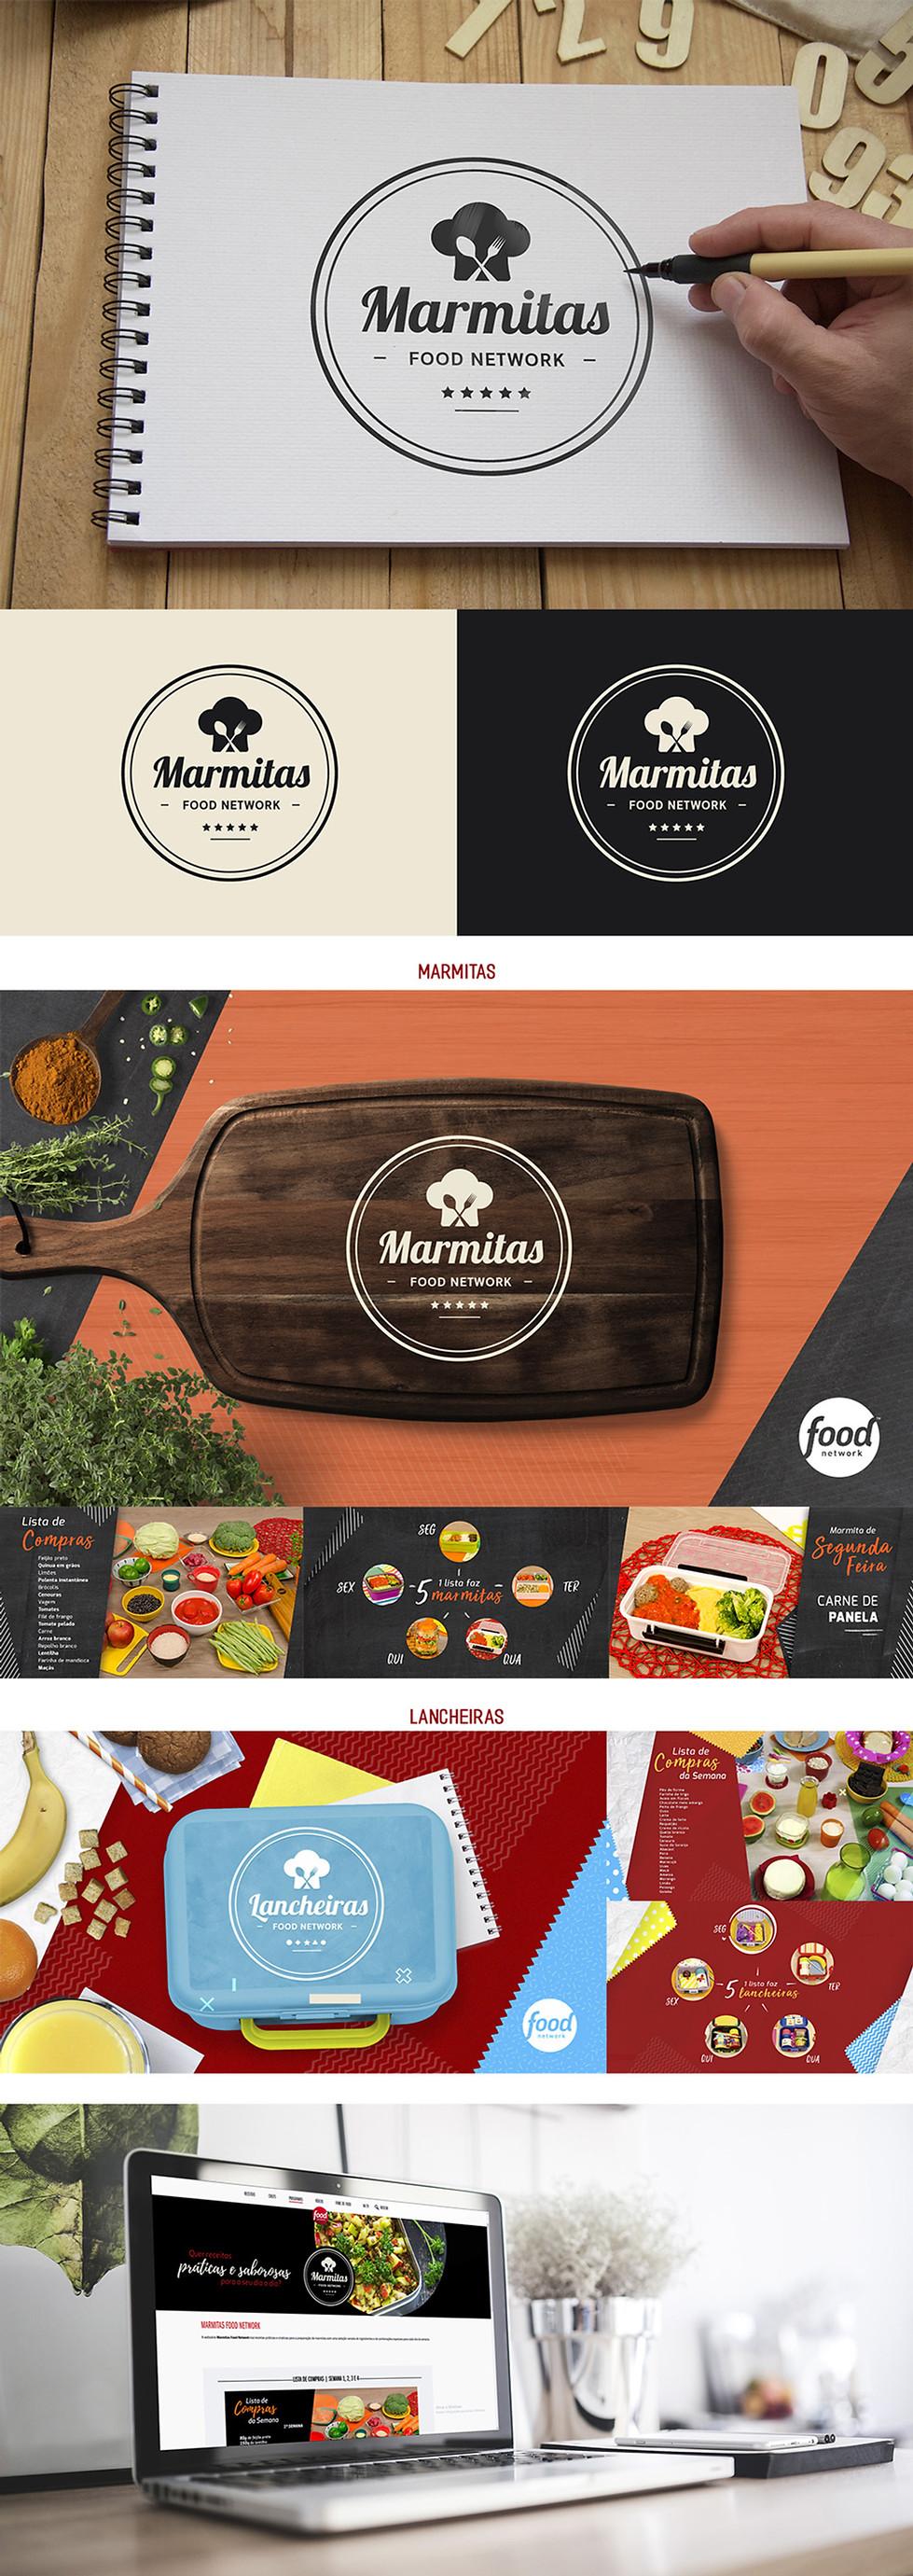 frames_food2.jpg